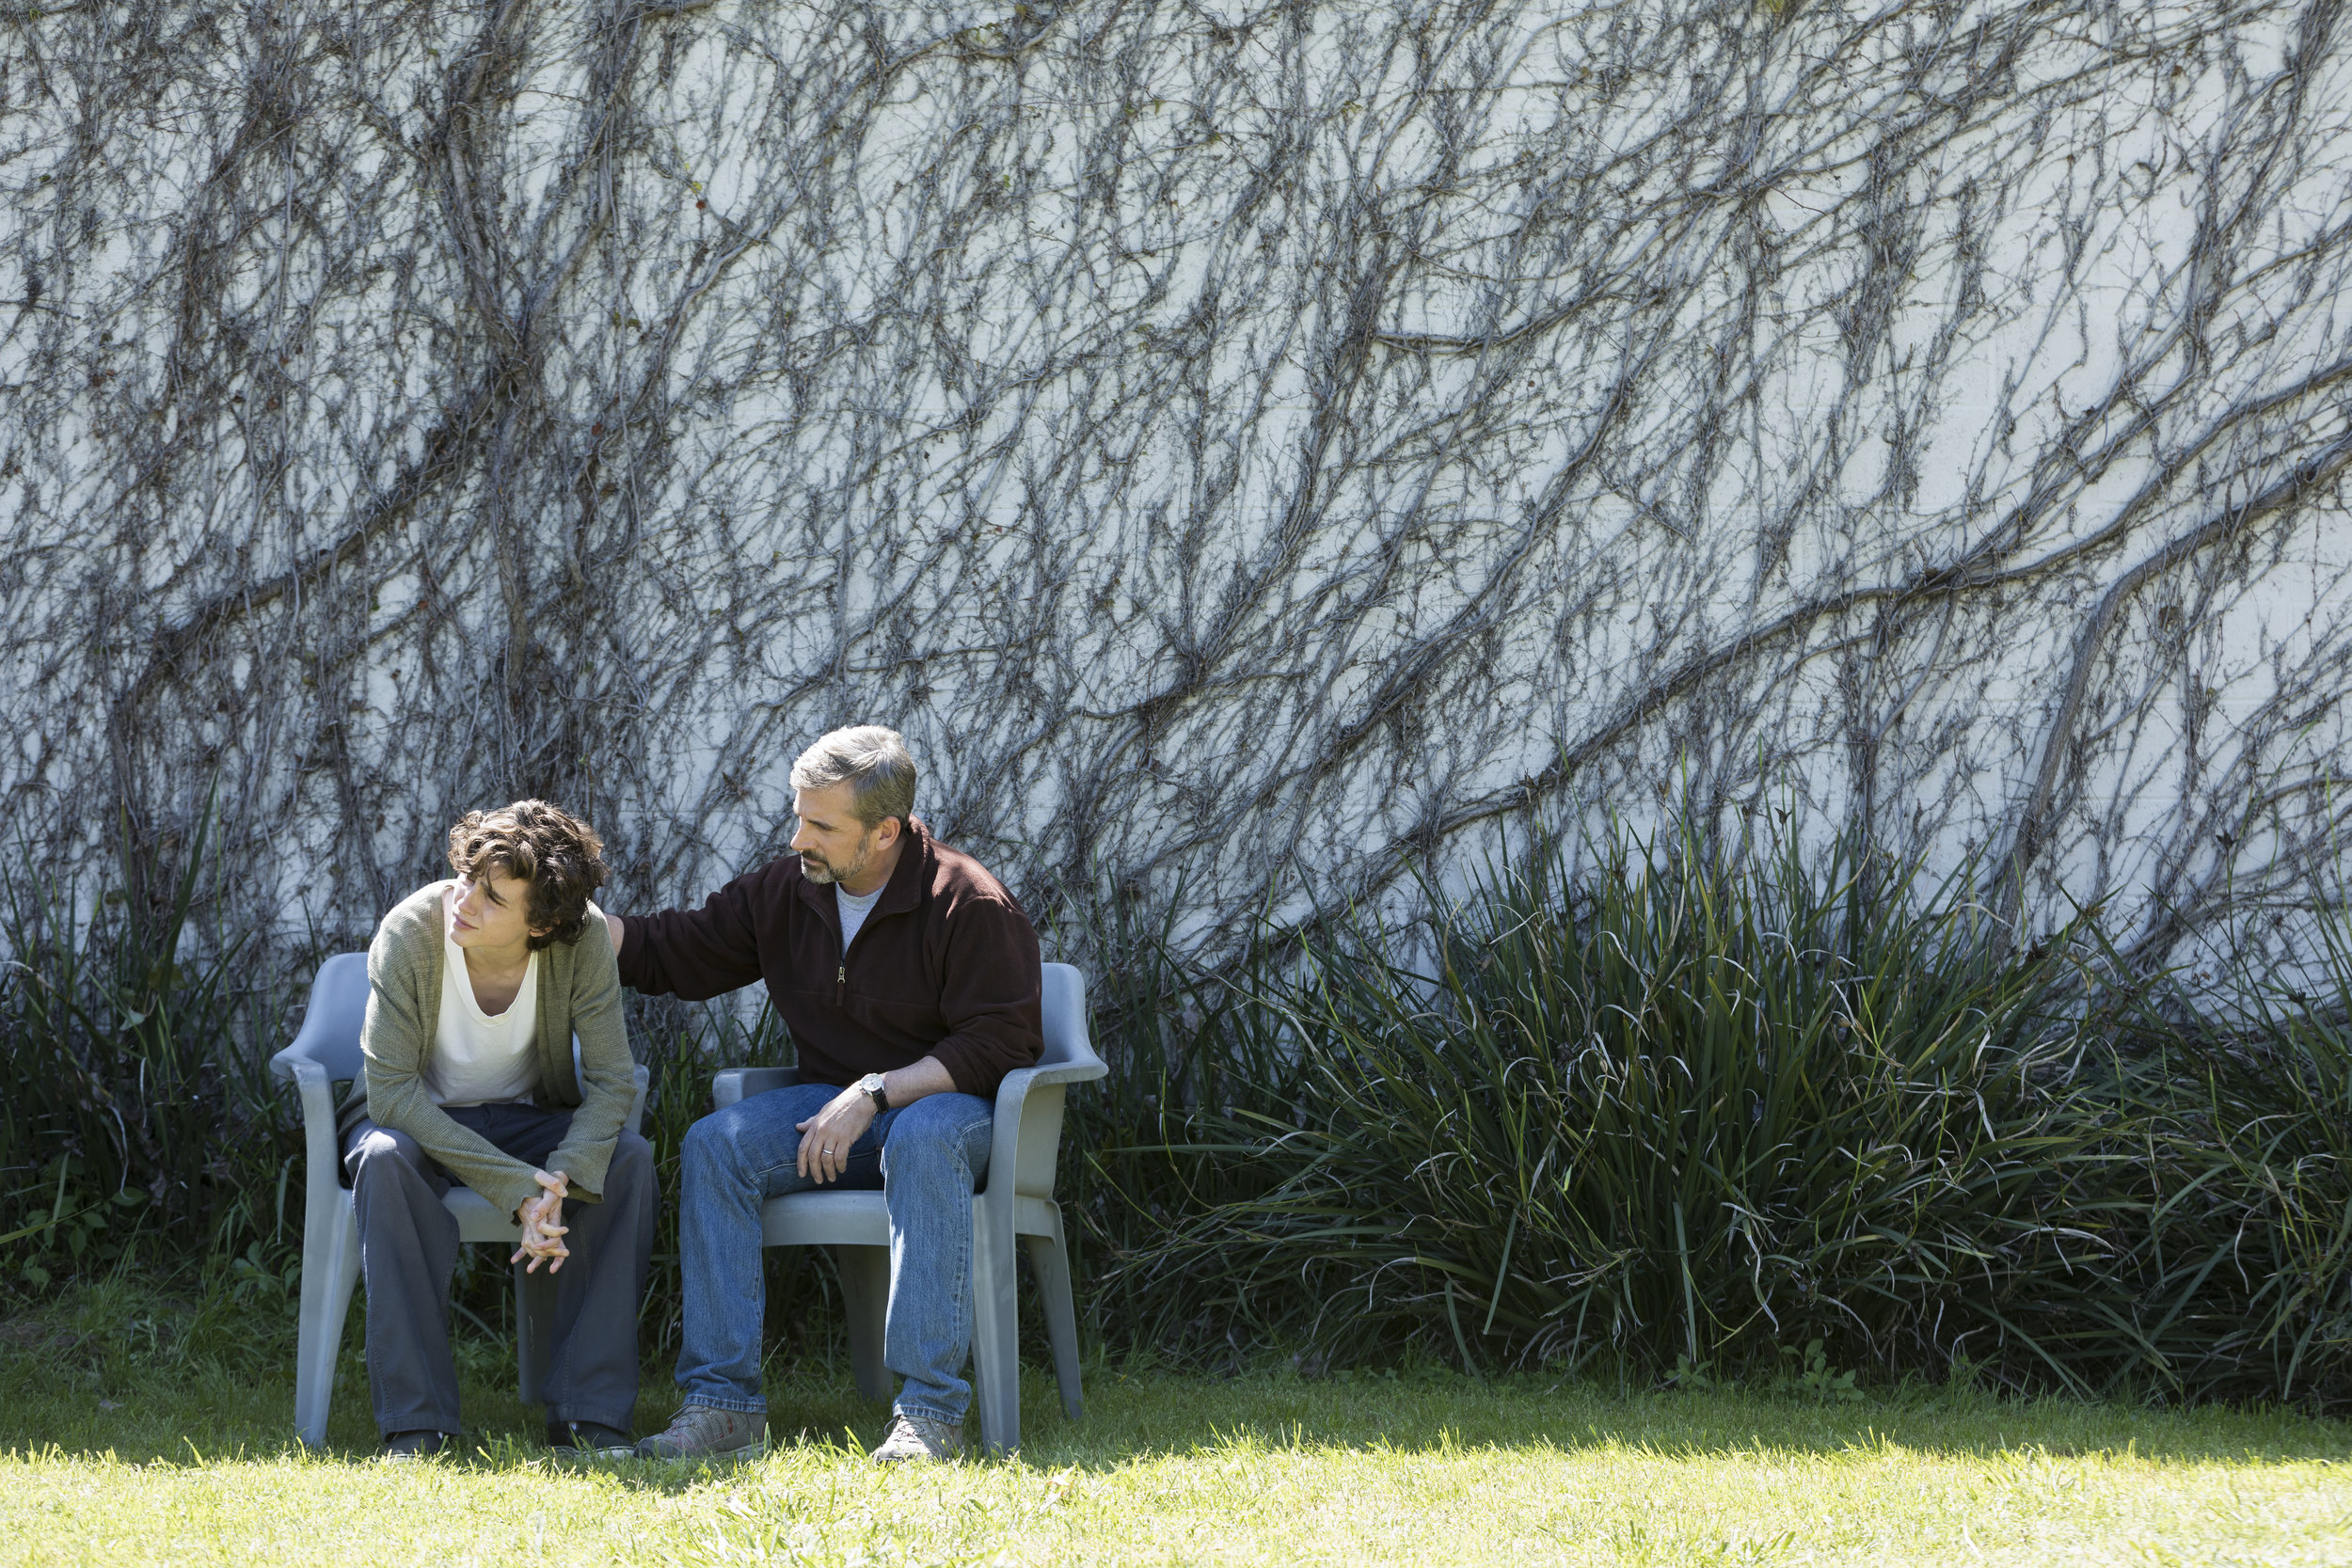 18 år gamle Nicolas Sheff (Timothée Chalamet) sliter med livet etter å ha blitt avhengig av narkotika. Faren David (Steve Carell) kjemper hardt for å hjelpe sønnen.